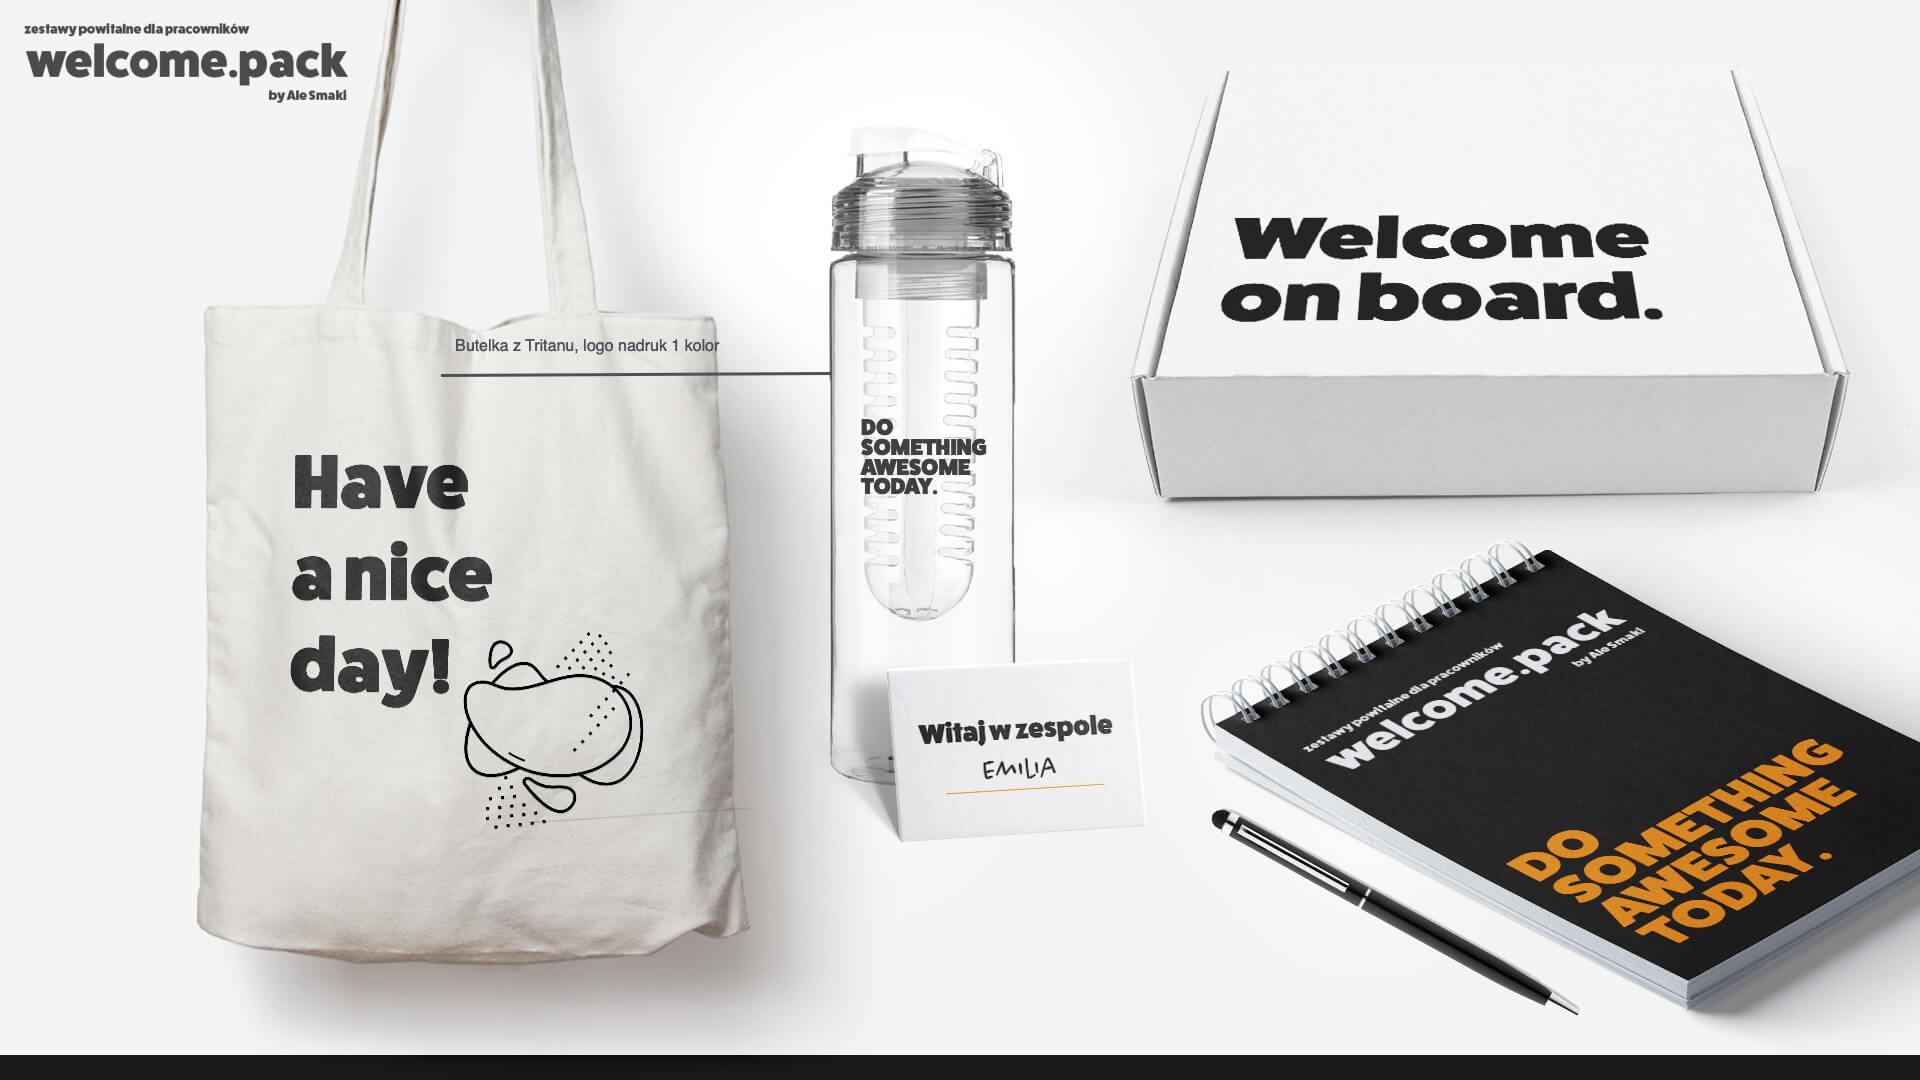 ale smaki_zestaw powitalny_welcome pack B05